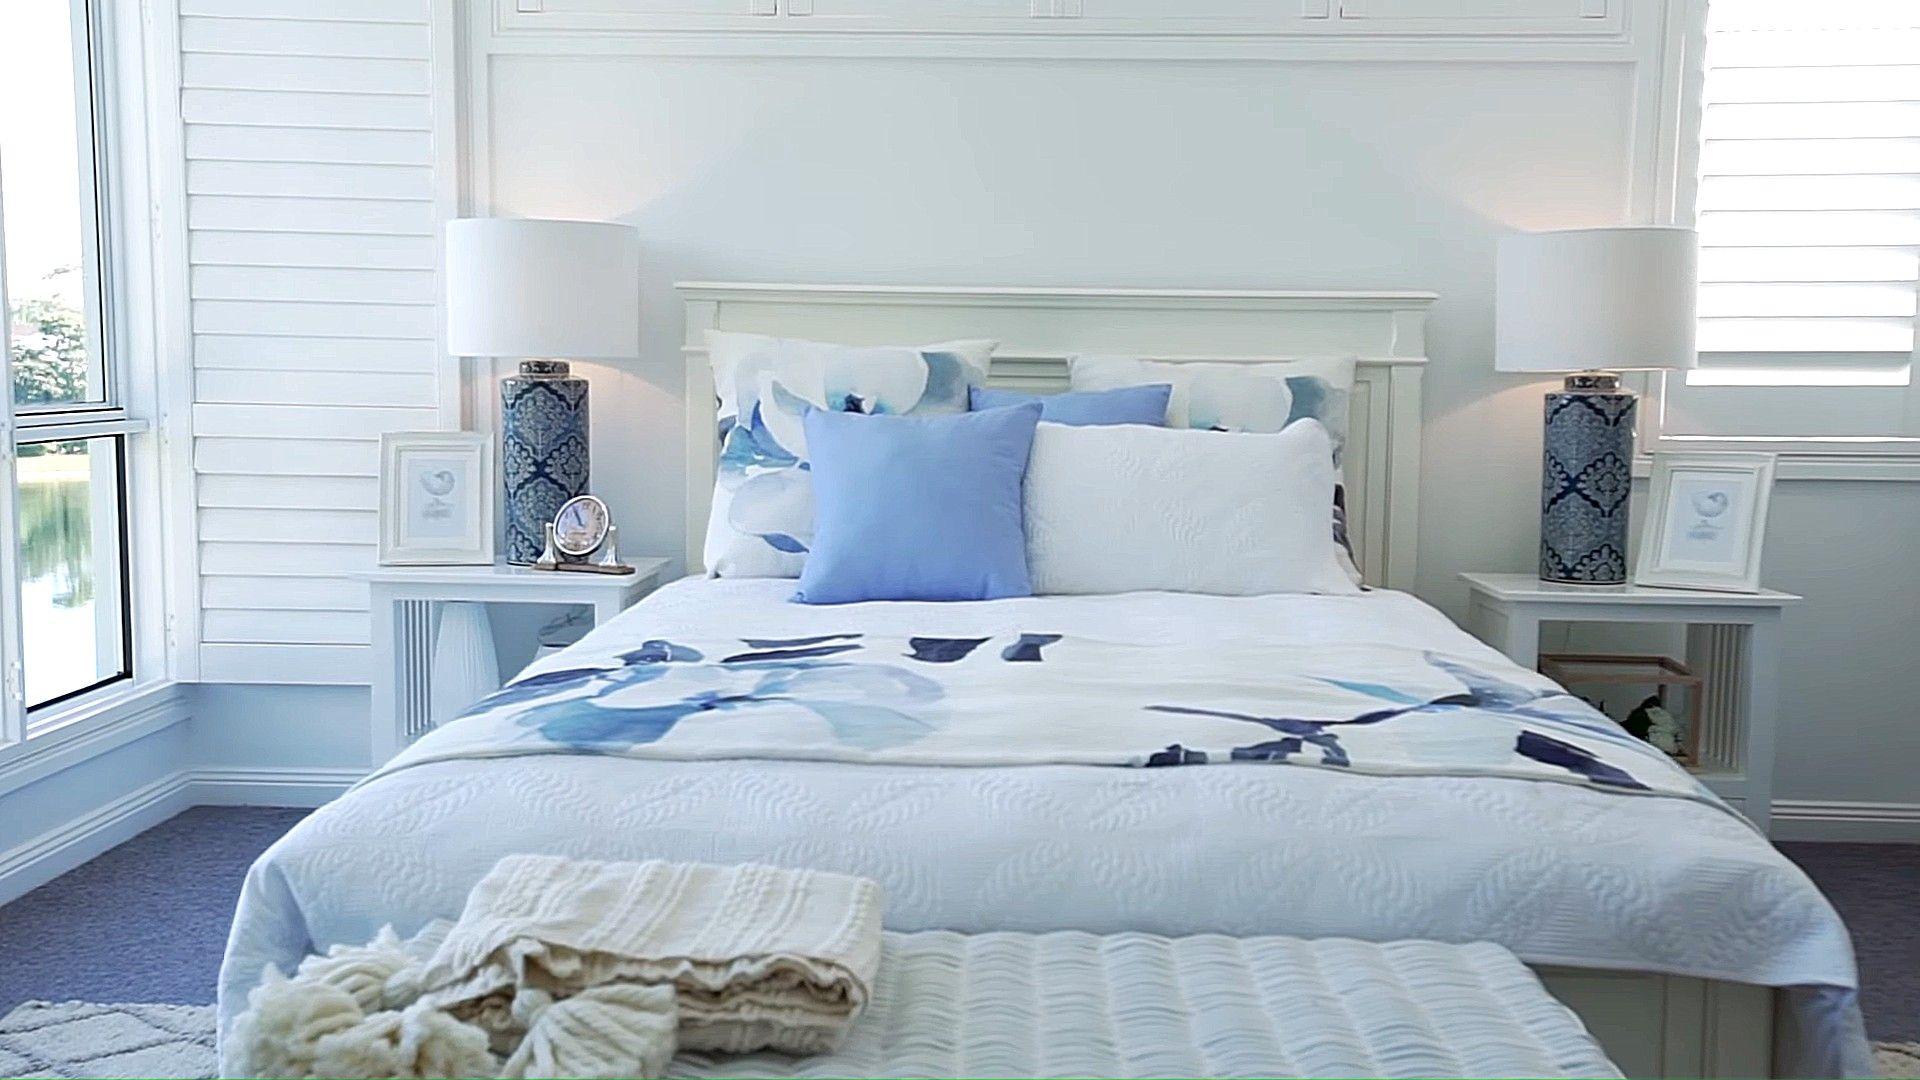 Romantische Landhausstil Schlafzimmer Farbe Und Dekoration